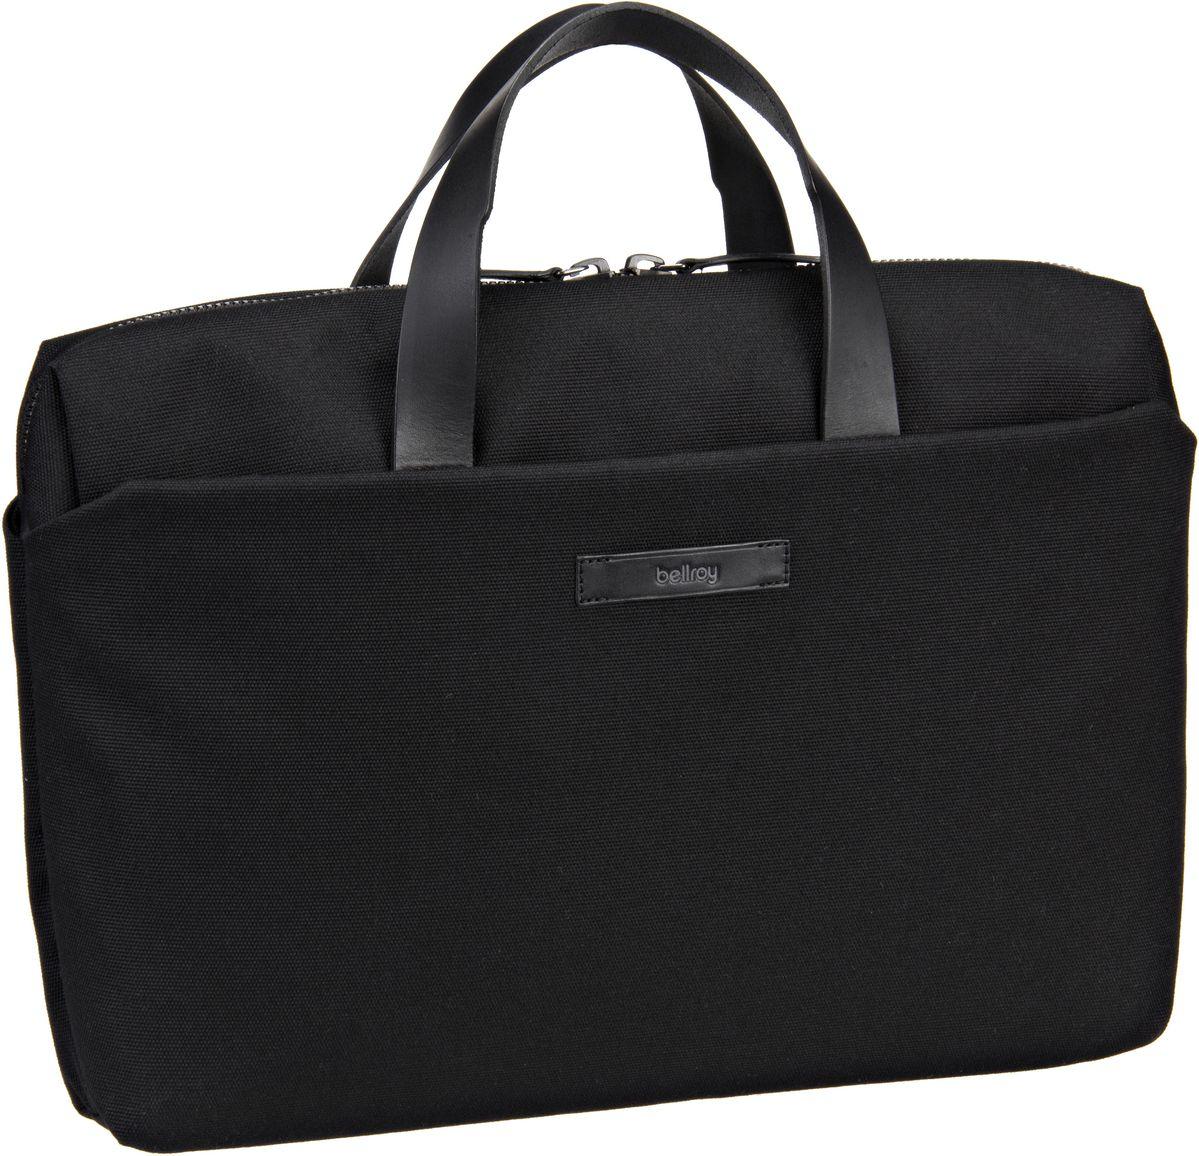 Businesstaschen für Frauen - Bellroy Aktenmappe Slim Work Bag Black (11 Liter)  - Onlineshop Taschenkaufhaus